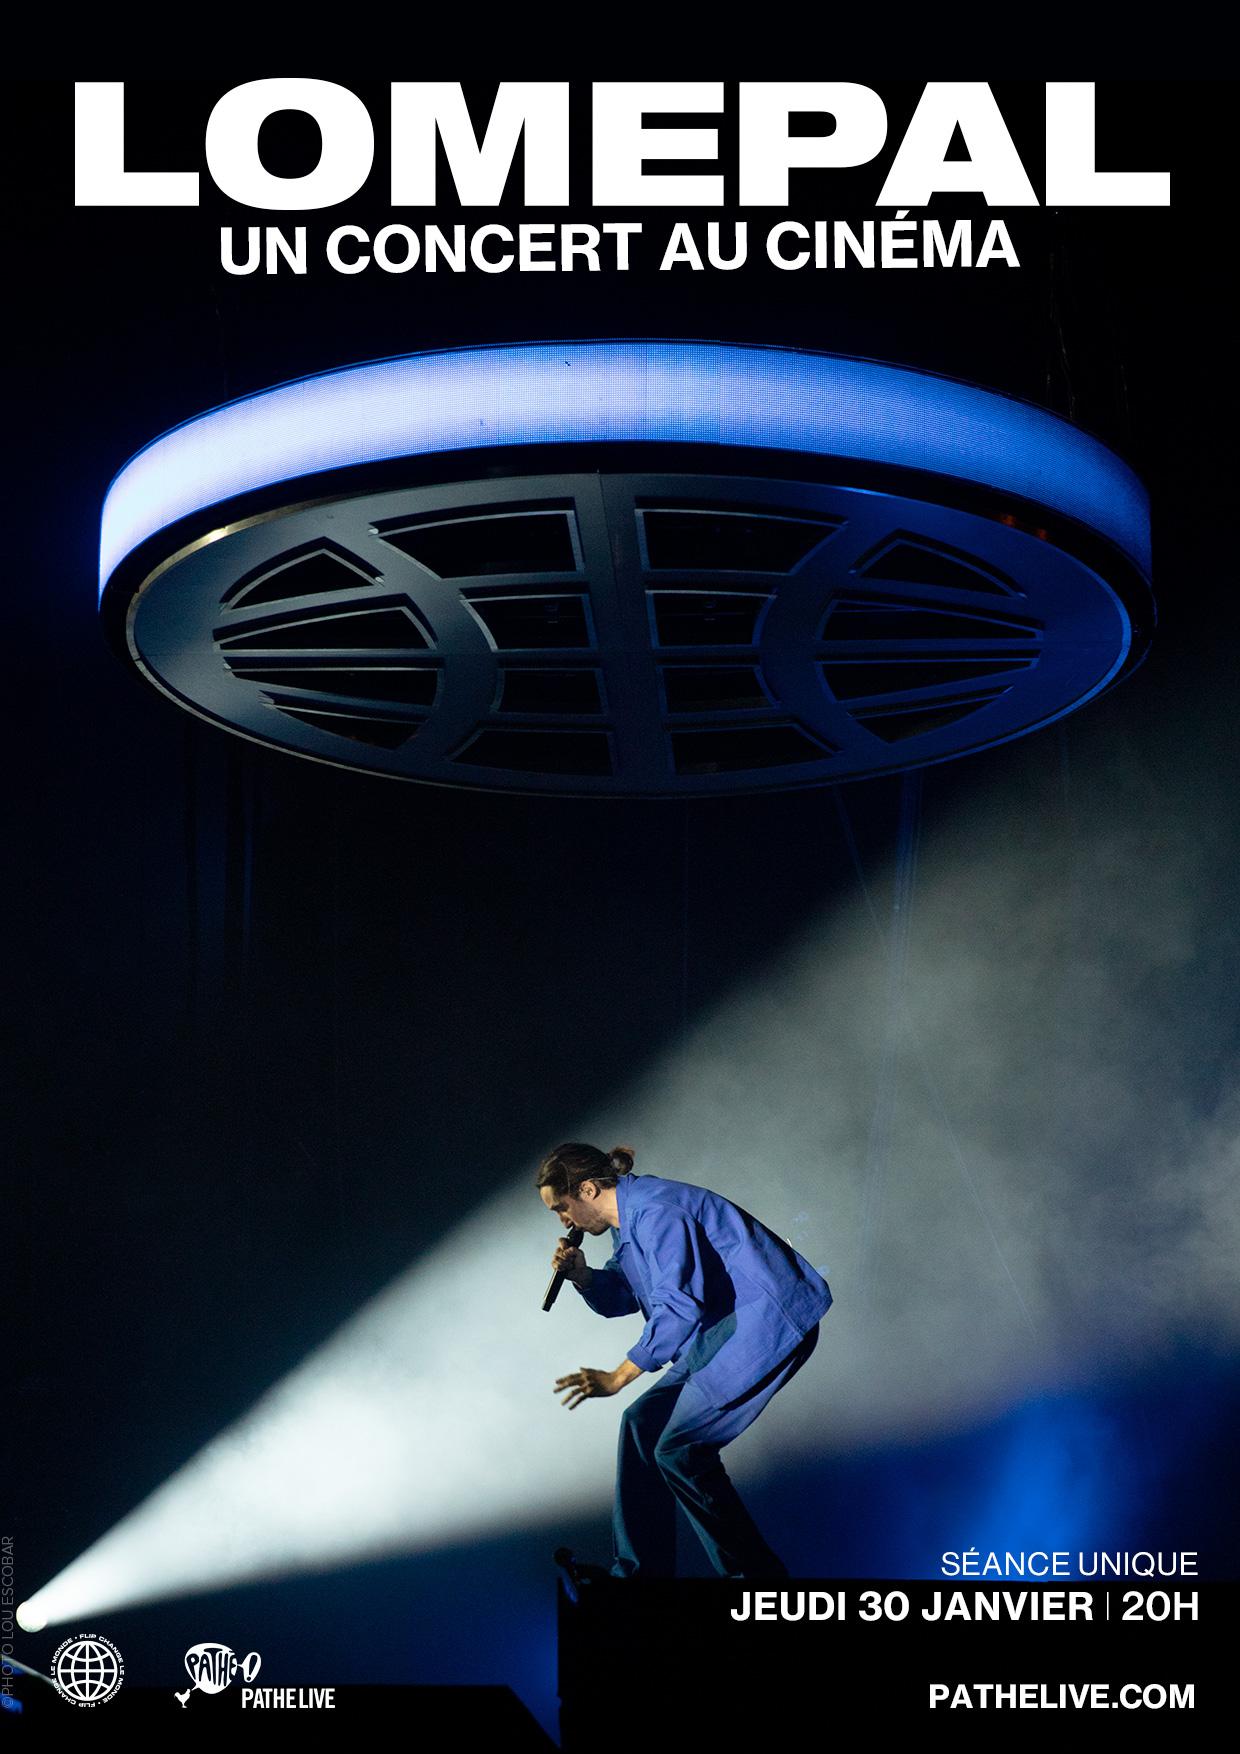 Image du film Lomepal, un concert au cinéma